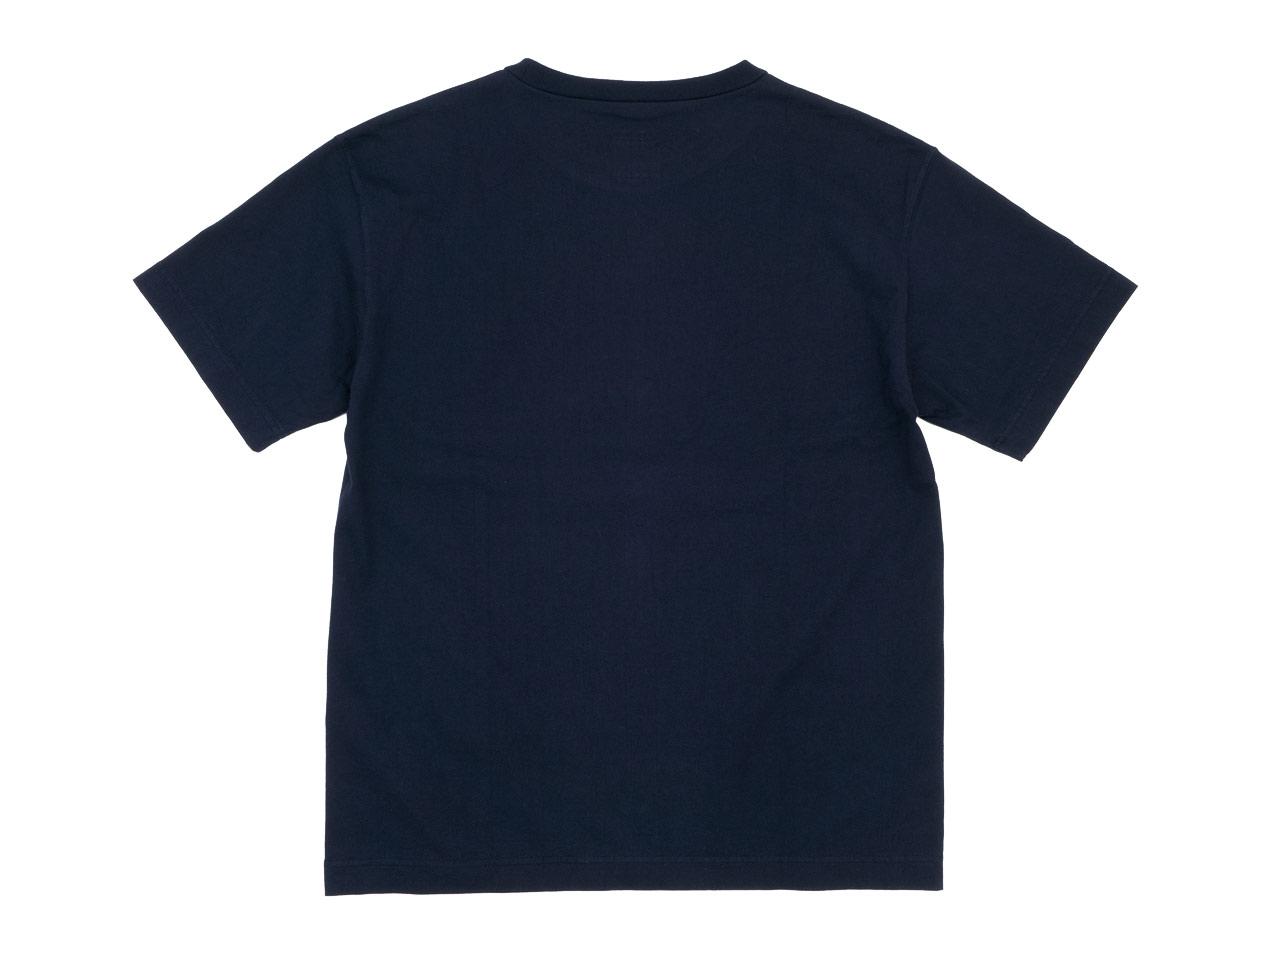 TOUJOURS Big T-shirt